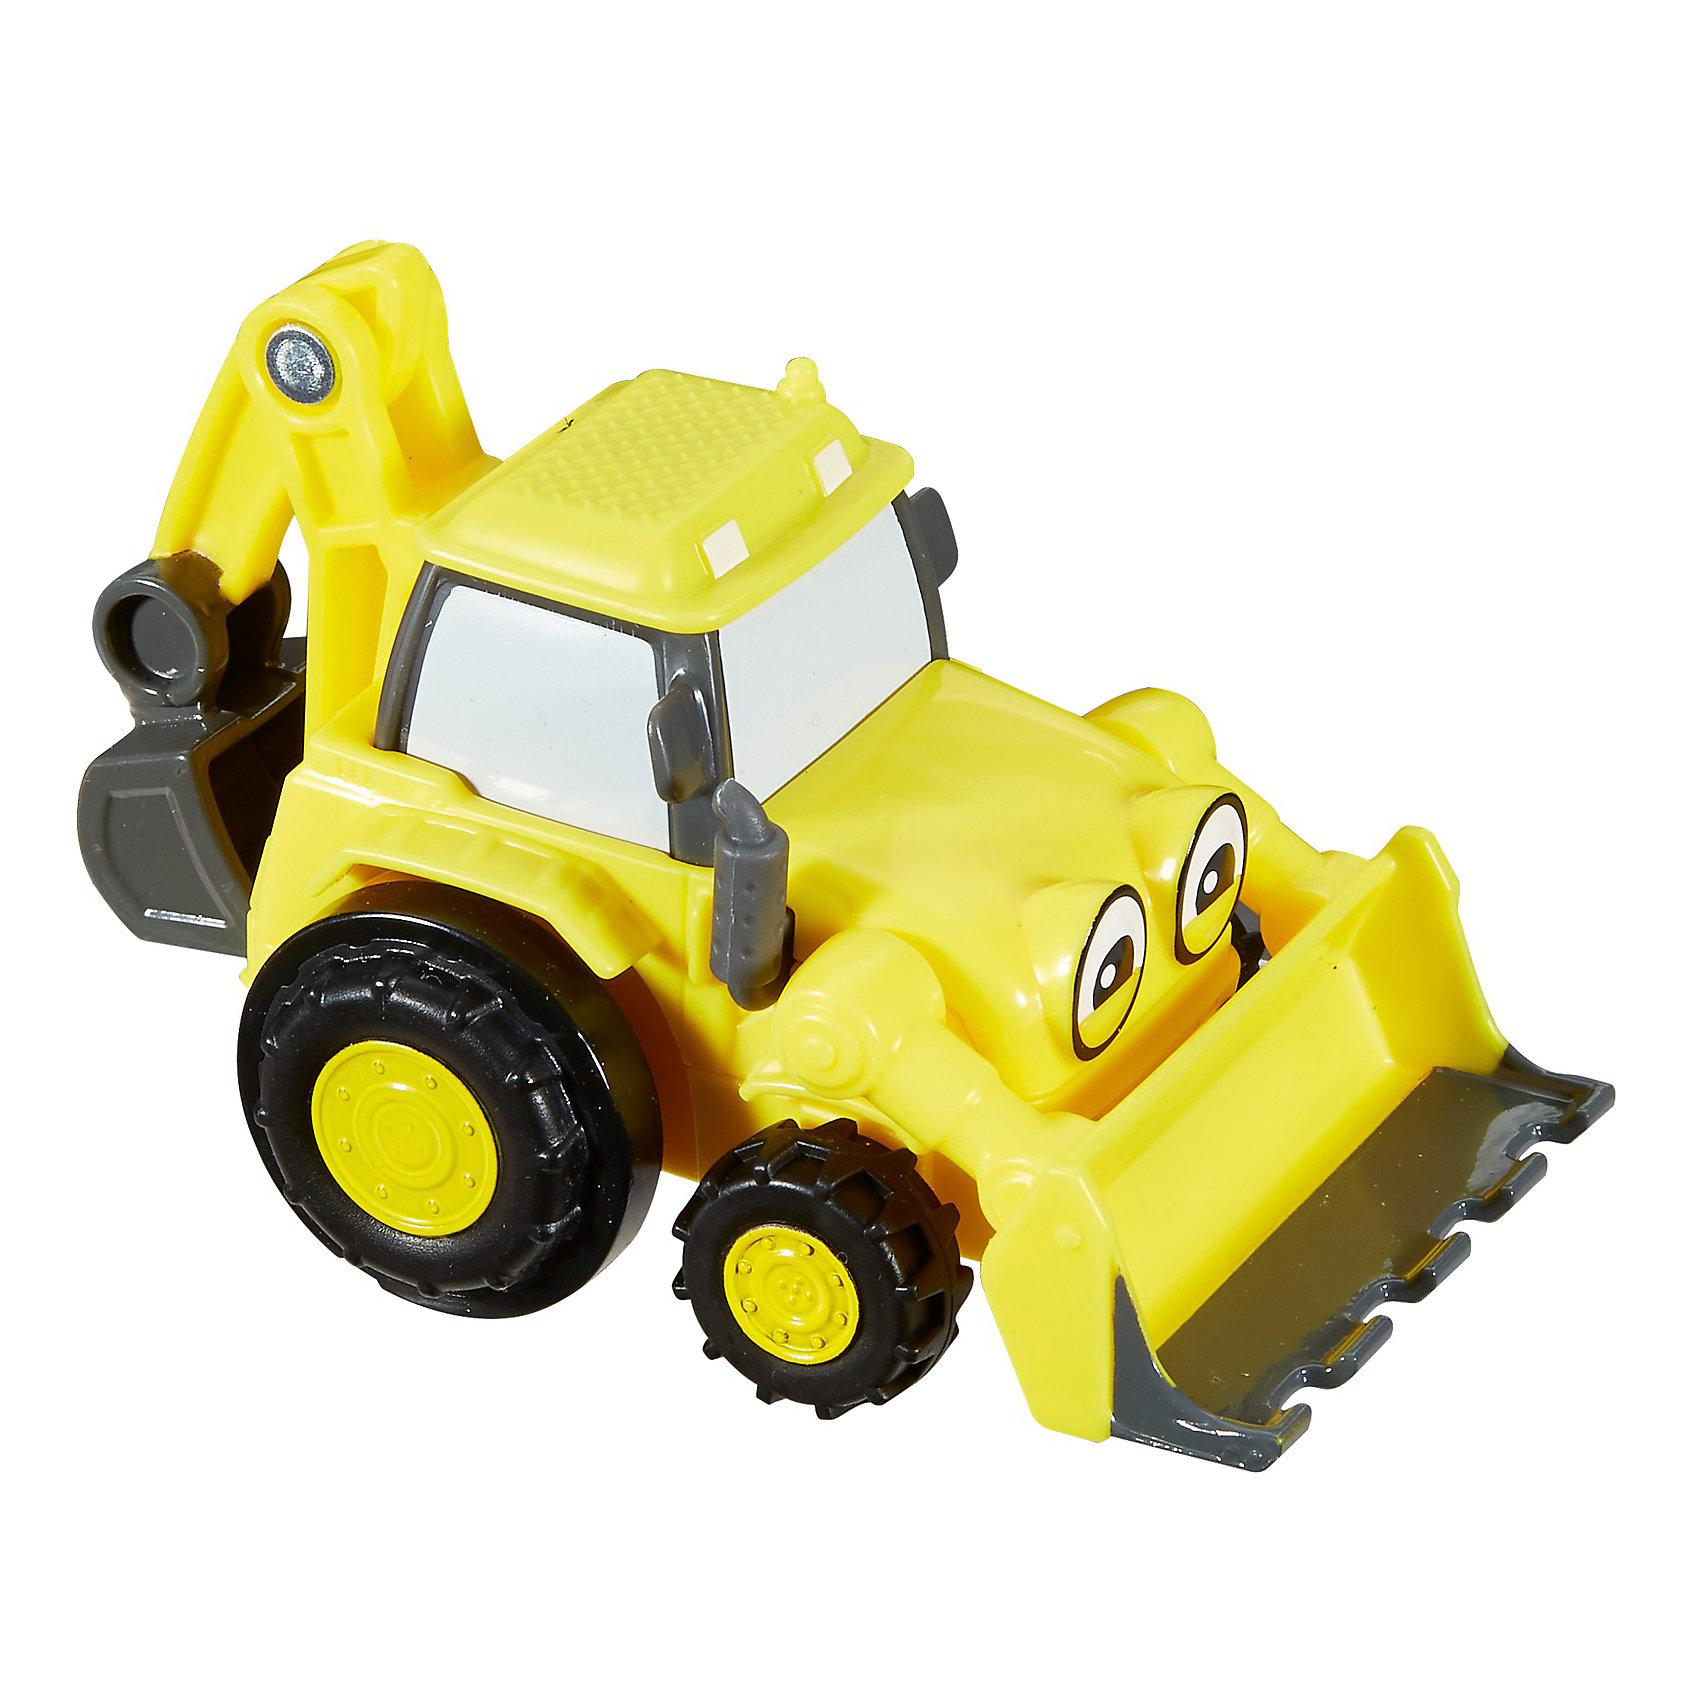 Инерционное транспортное средство Fisher-Price Боб-строительМашинки<br>Характеристики товара:<br><br>• возраст: от 3 лет;<br>• цвет: желтый<br>• материал: пластик;<br>• упаковка: коробка;<br>• страна бренда: США<br><br>Трактор «Боб-строитель» разнообразит игру малыша как дома, так и на прогулке. Потяни его назад, отпусти и смотри, как он умчится вперед! <br><br>Собери все самоходные грузовики Боба-строителя и создай крутой автопарк строительных машин.<br><br>Трактор Fisher-Price Боб-строитель можно купить в нашем интернет-магазине.<br><br>Ширина мм: 60<br>Глубина мм: 60<br>Высота мм: 90<br>Вес г: 90<br>Возраст от месяцев: 36<br>Возраст до месяцев: 2147483647<br>Пол: Унисекс<br>Возраст: Детский<br>SKU: 7014777